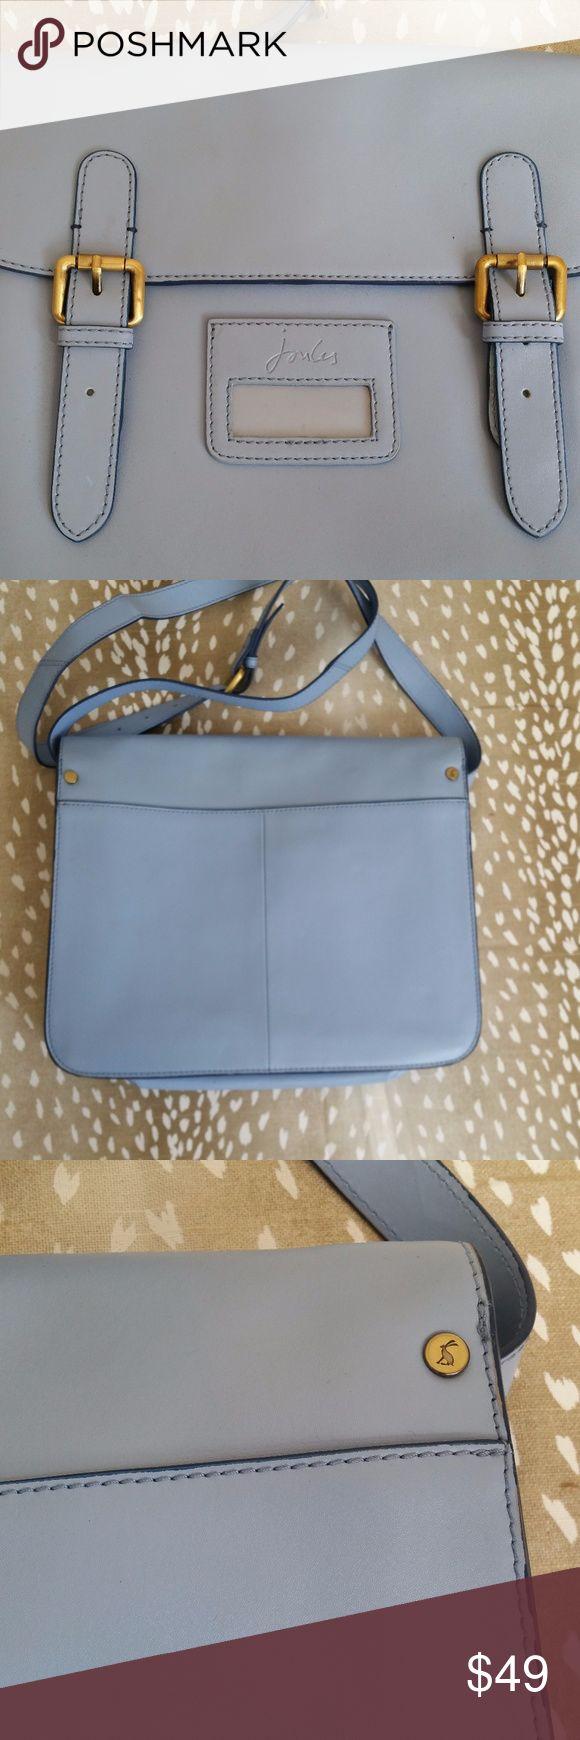 Joules Blue Leather Satchel Bag Style: Women's Leather Satchel  Brand: Joules  Measurements: Height 24 Weight 35.5  Color: Blue  Condition: Good Joules Bags Satchels